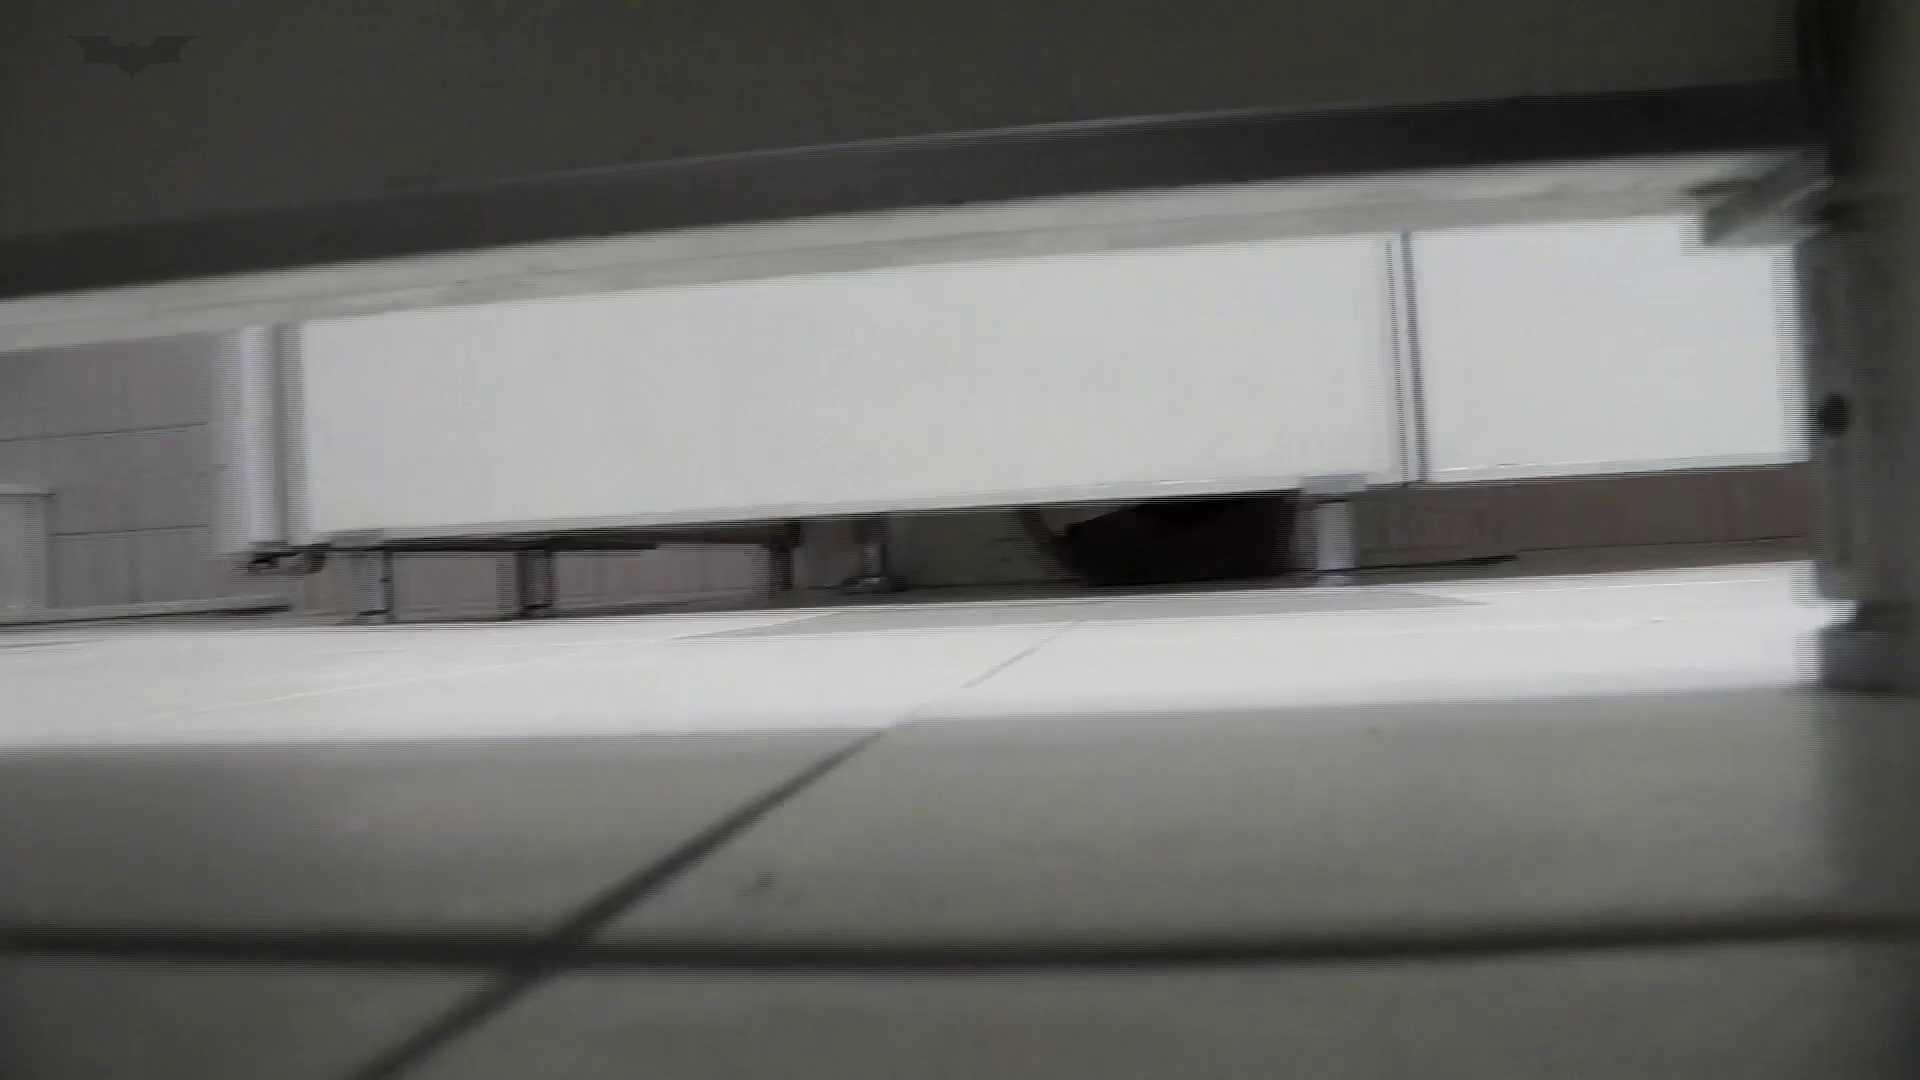 美しい日本の未来 No.29 豹柄サンダルは便秘気味??? 盛合せ  111PIX 53